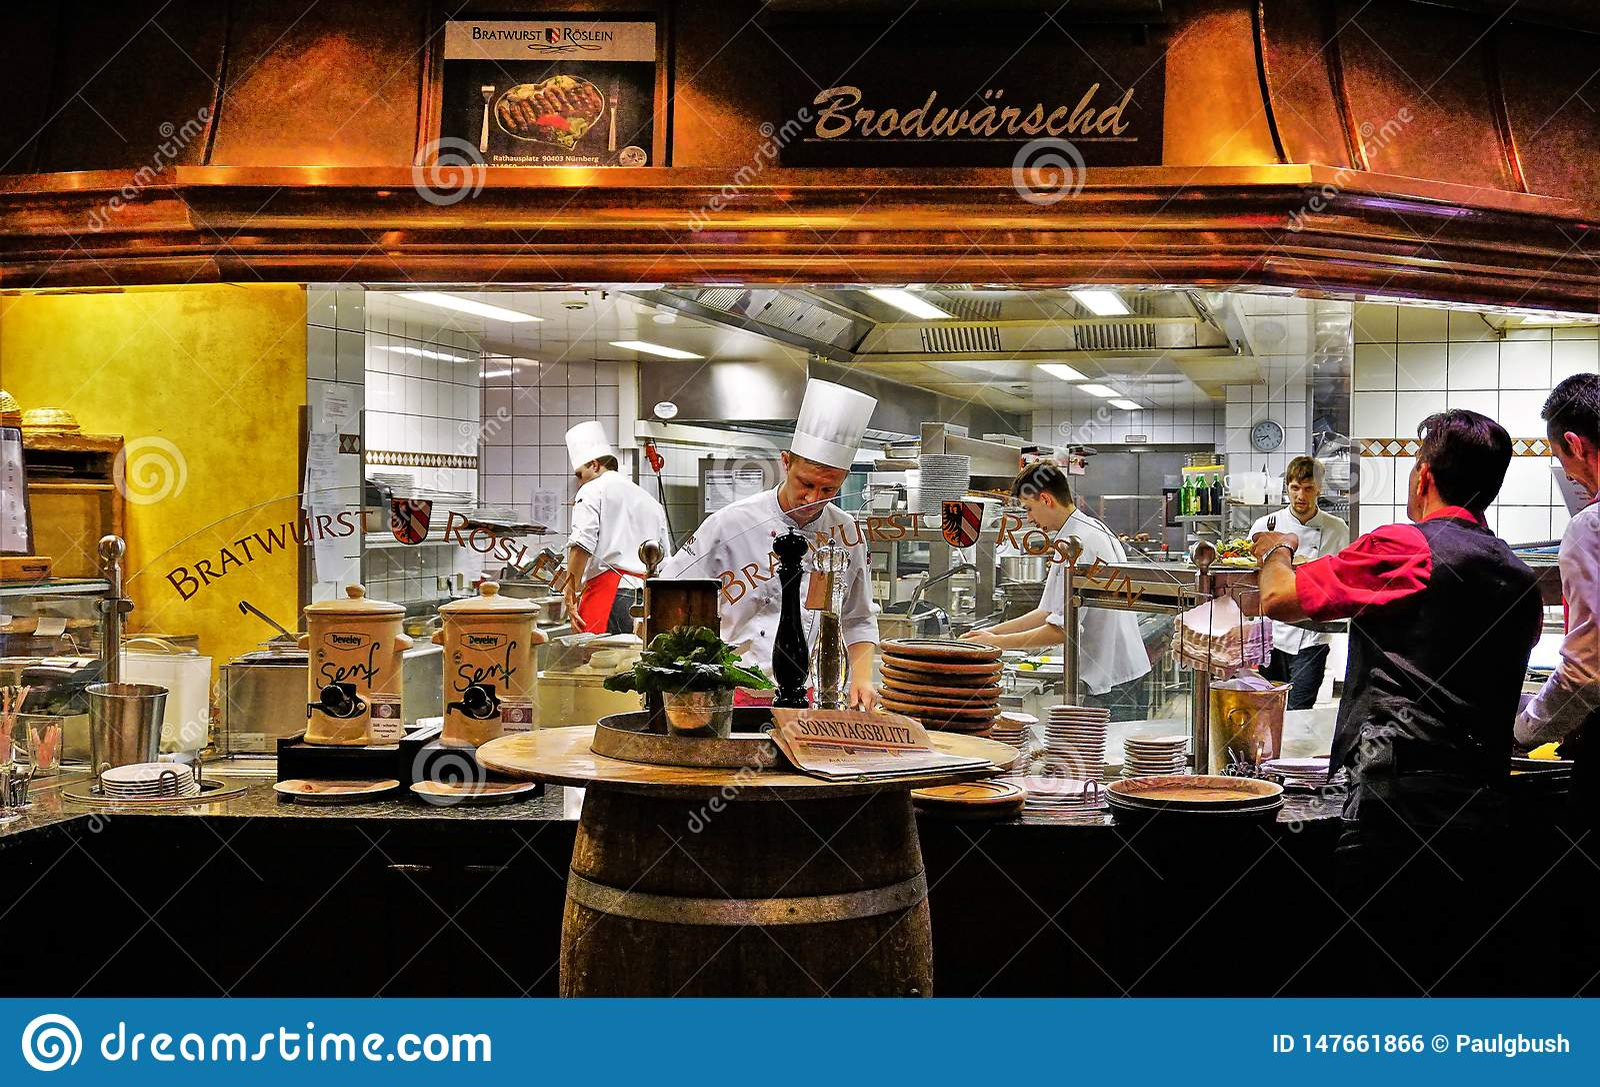 Berühmte Bratwurst Roslein-Restaurant-Küchen-Szene